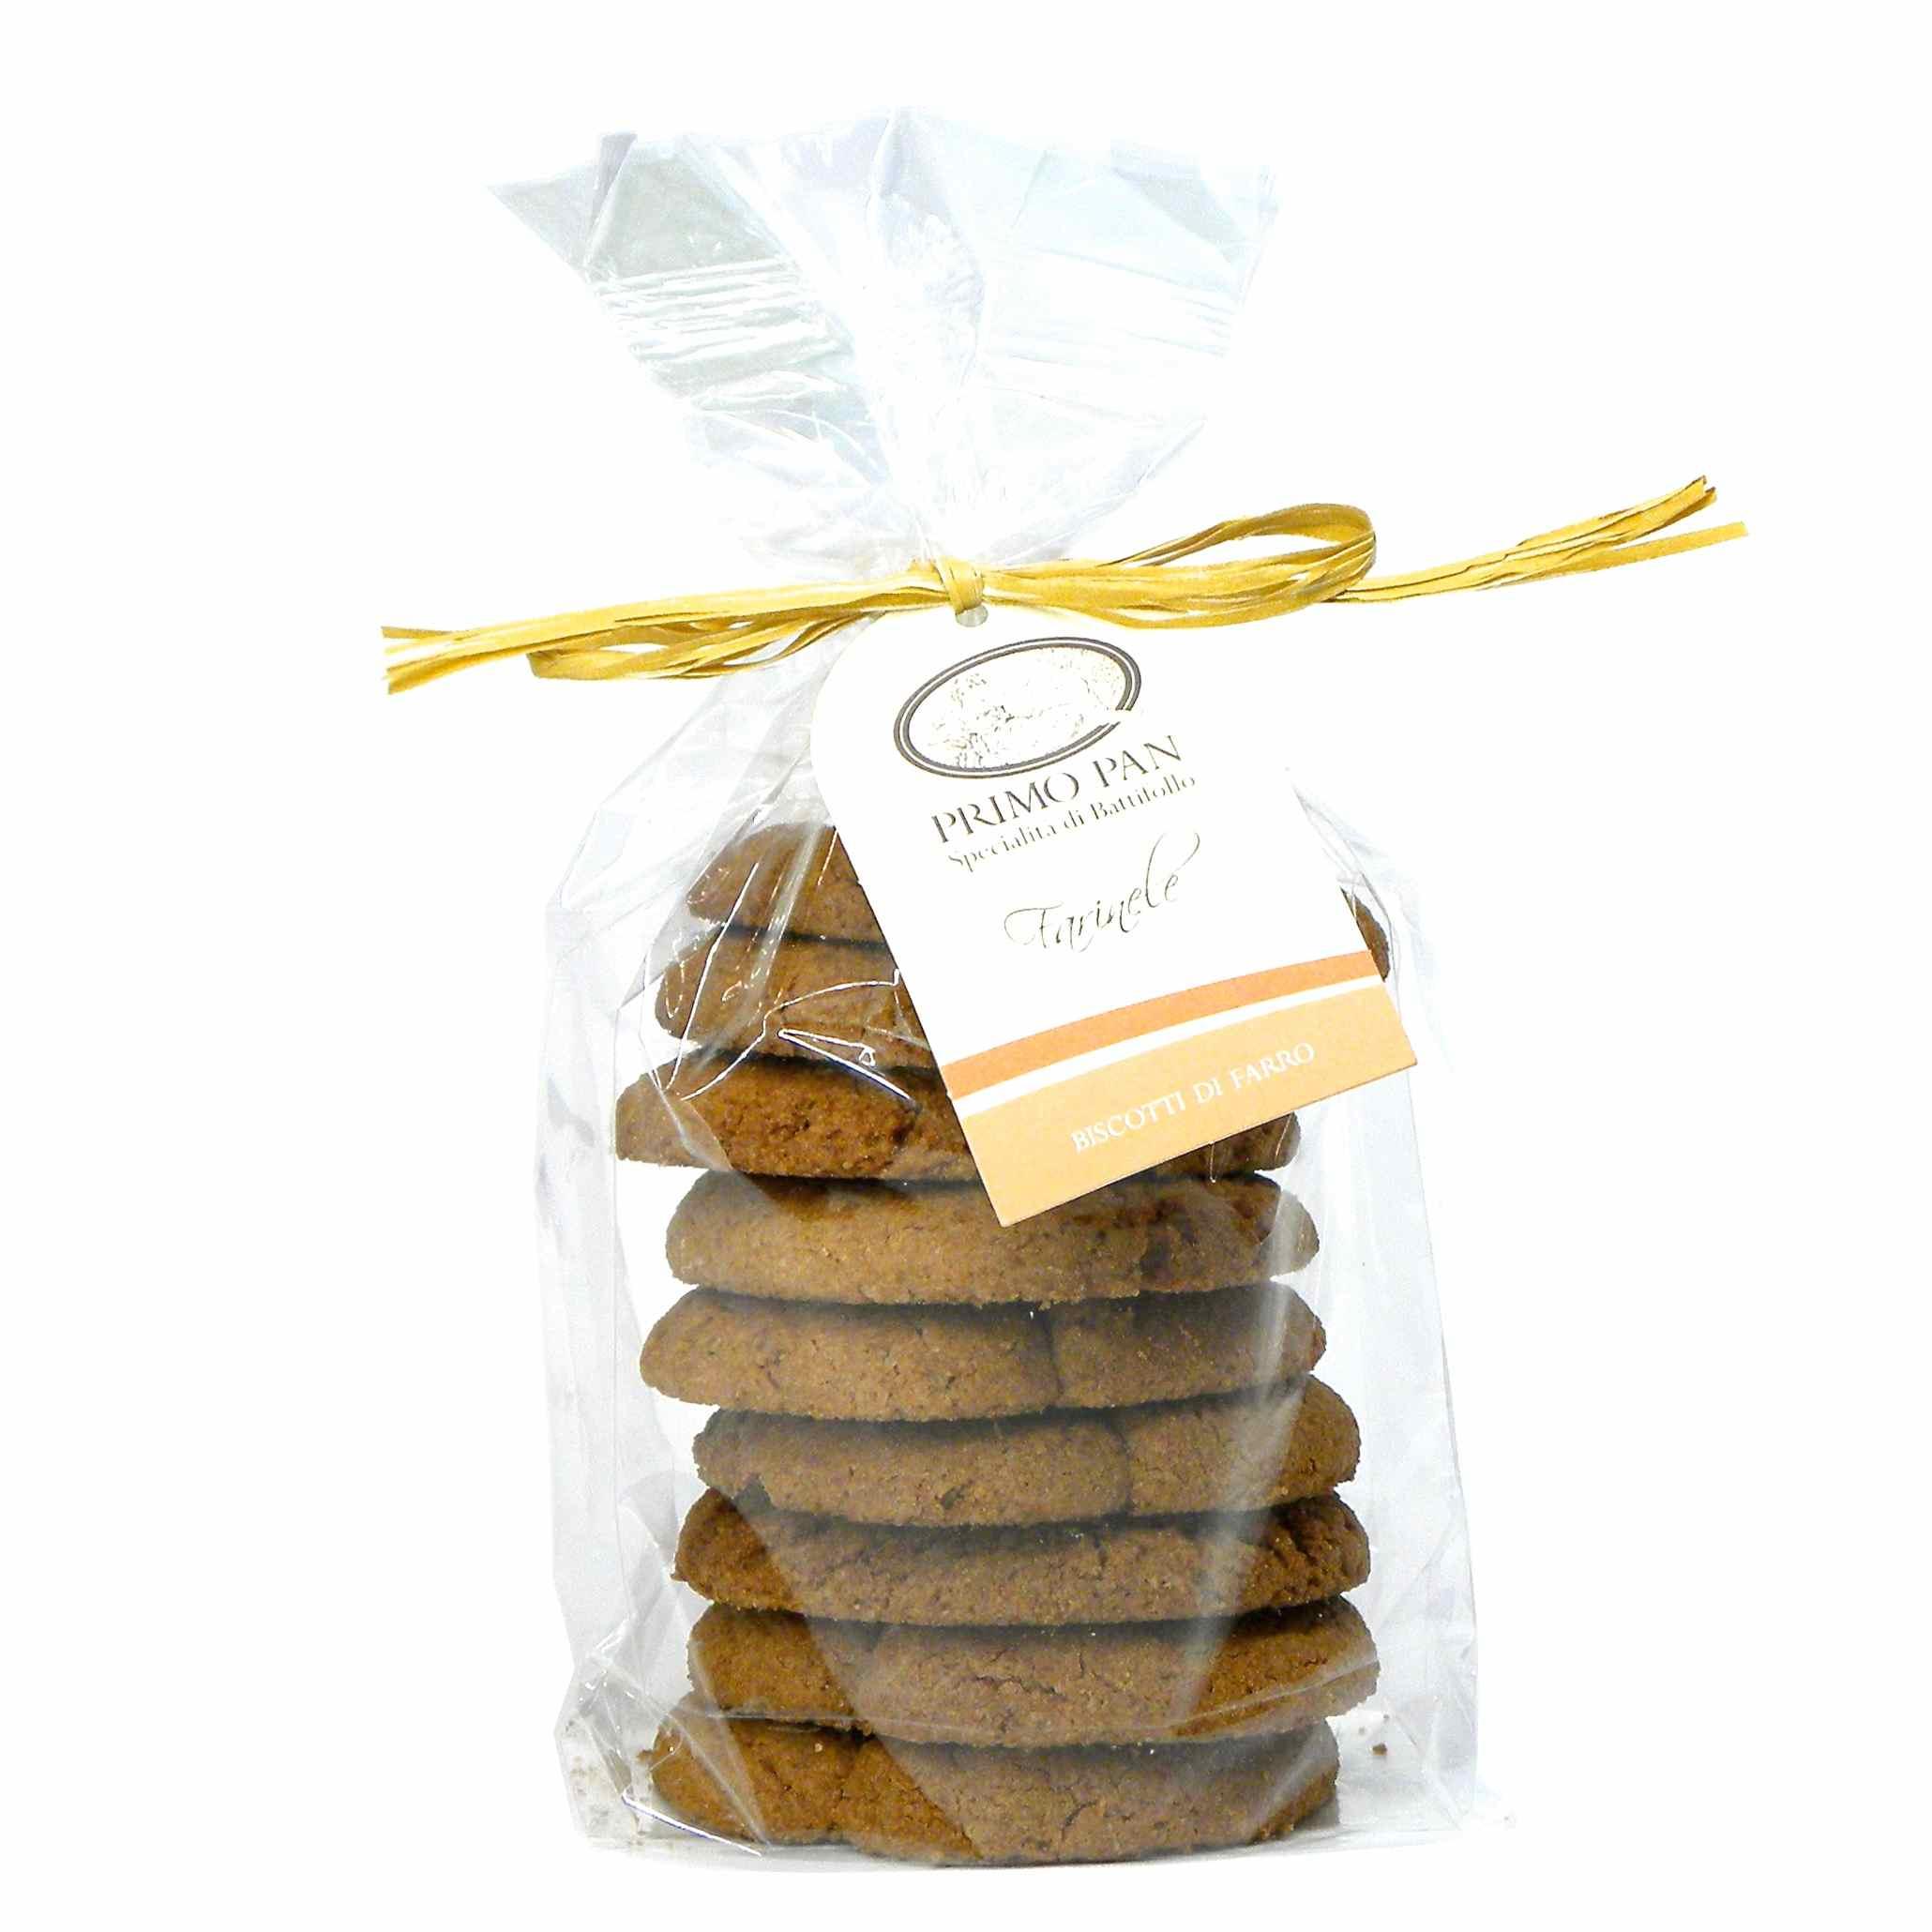 Primo Pan Farro Biscotti – Primo Pan Farro Biscuits – Gustorotondo – Italian food boutique